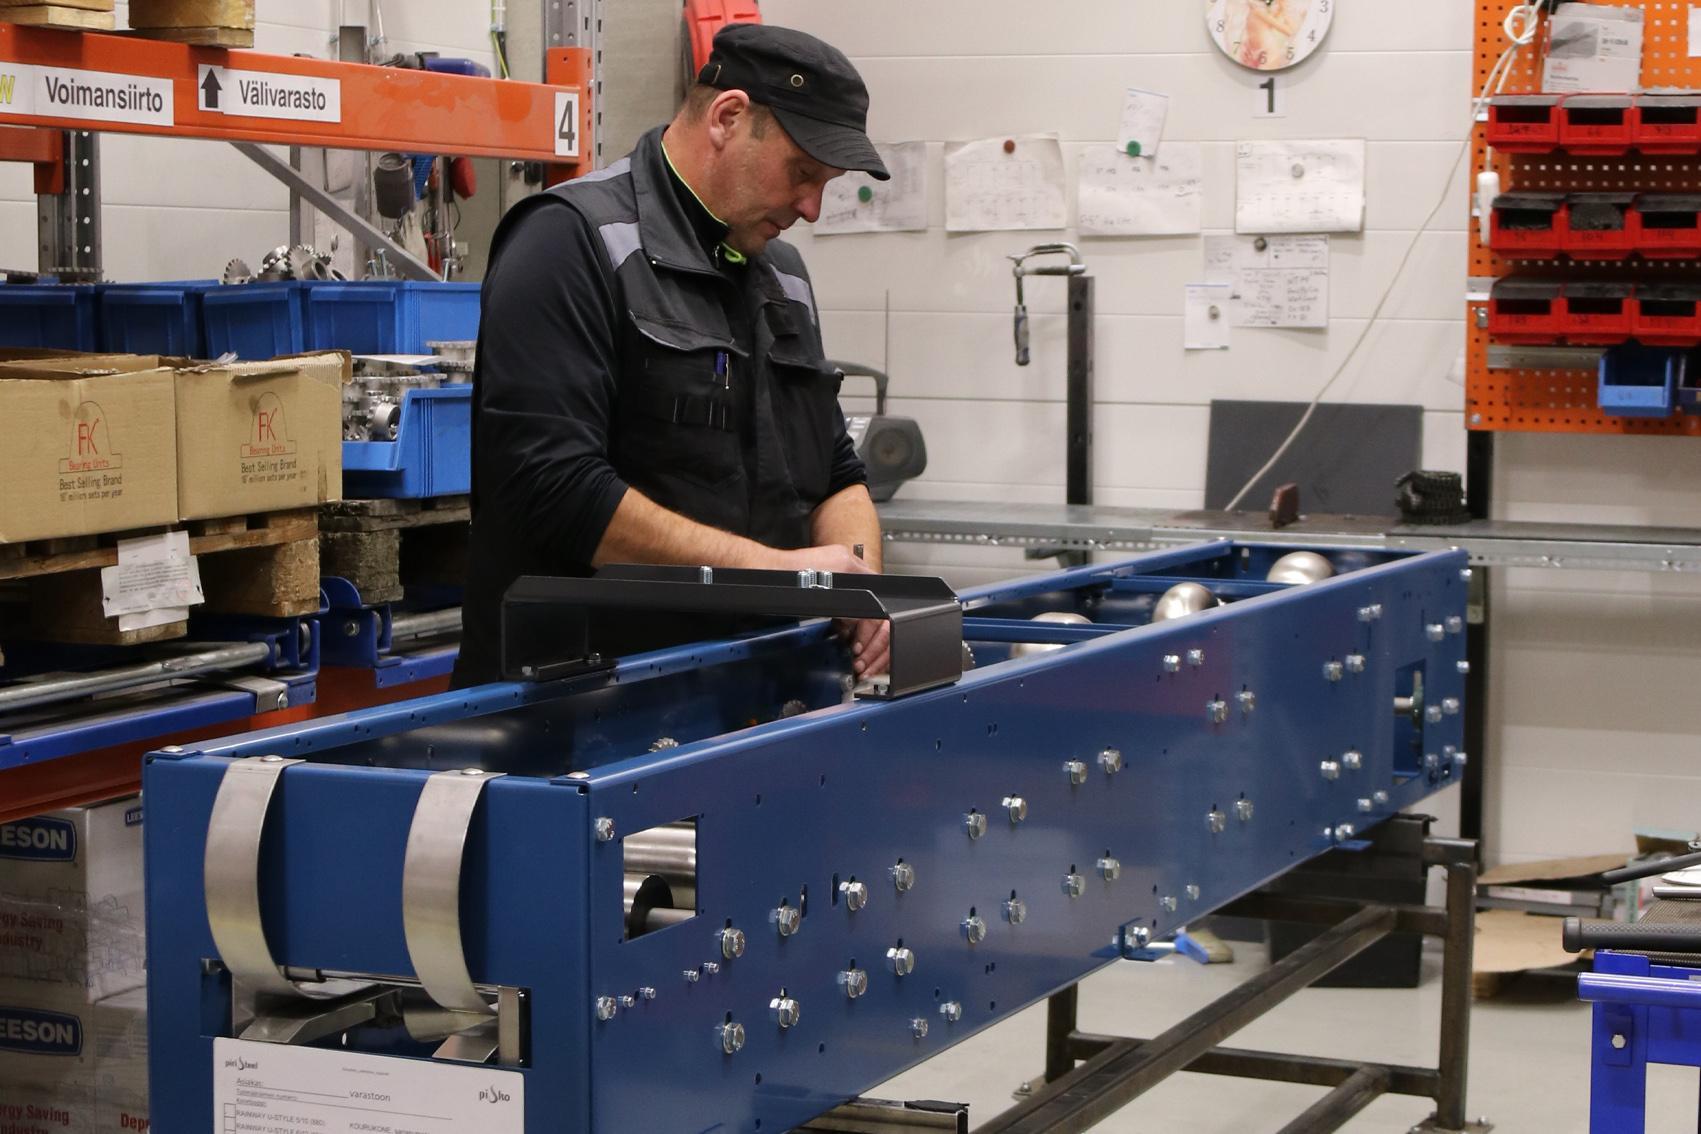 Kourukoneet valmistetaan alusta loppuun Kauhavan tehtaallamme